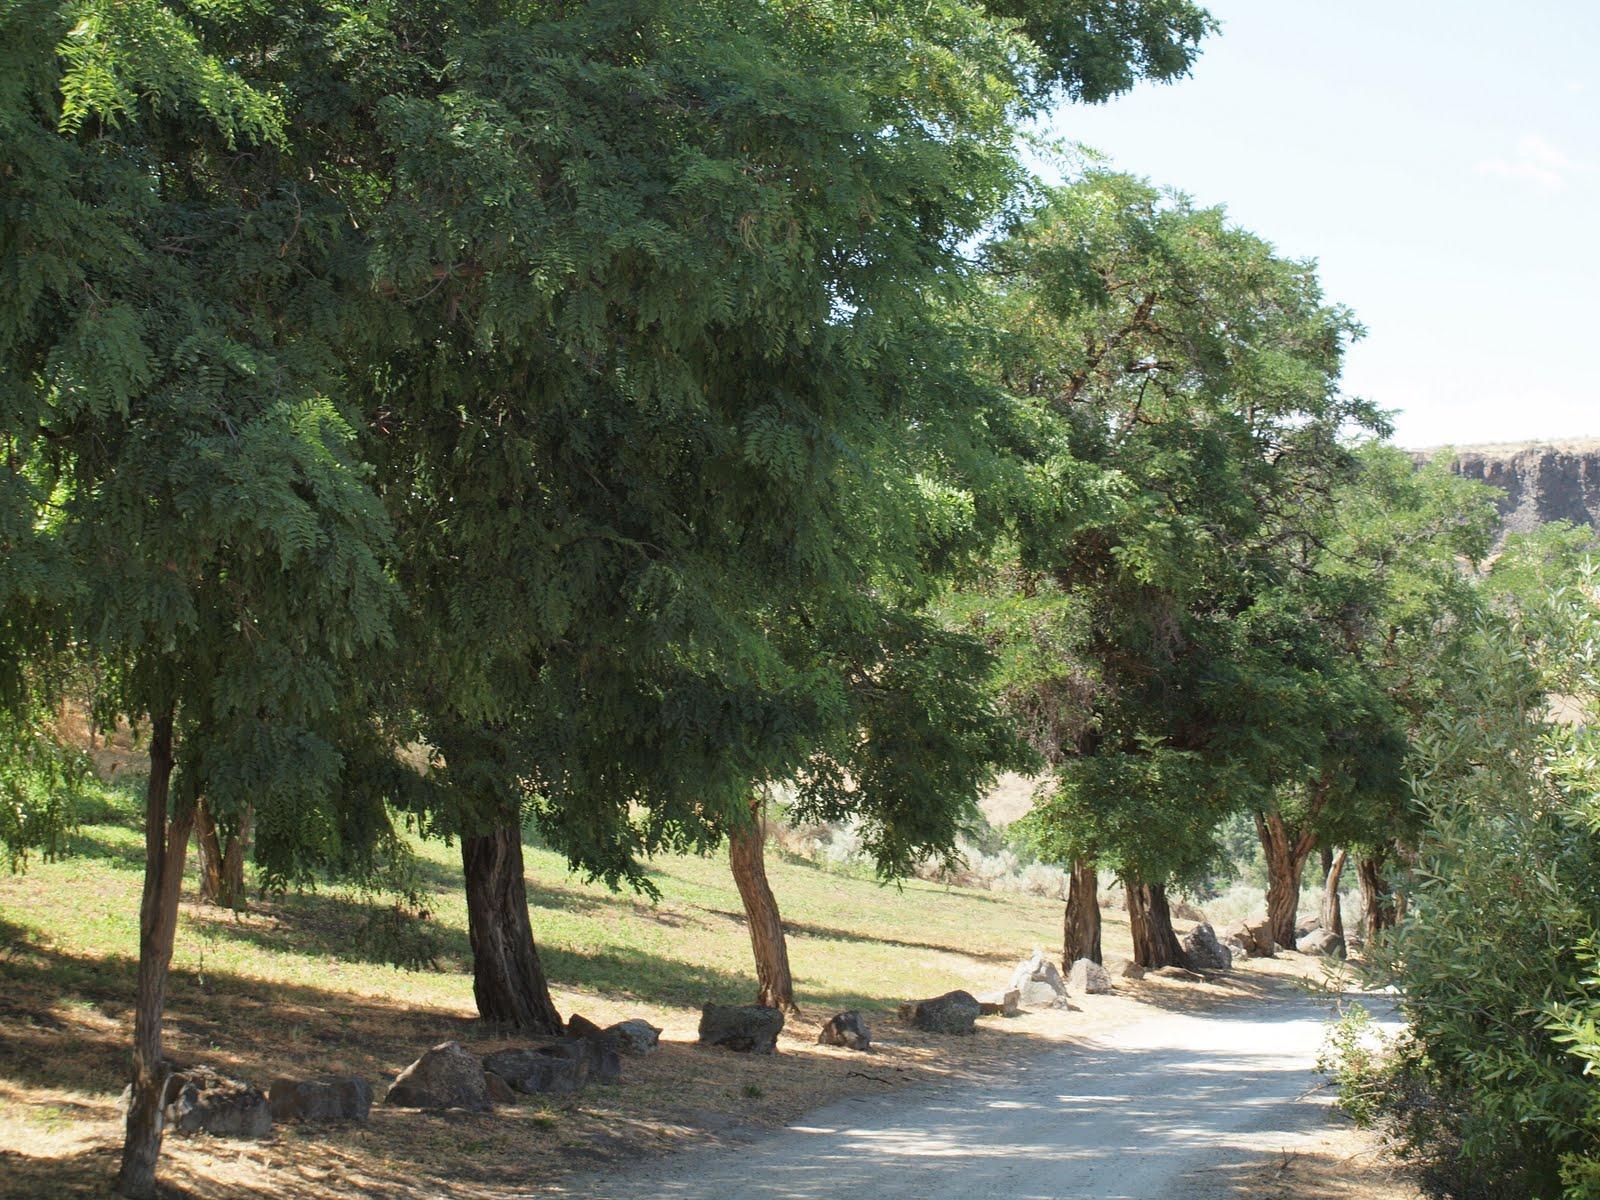 http://4.bp.blogspot.com/_bOKmjbY7wEo/TIWdFqwqemI/AAAAAAAADaA/8BrG_WNCkdg/s1600/Foote+Park.JPG